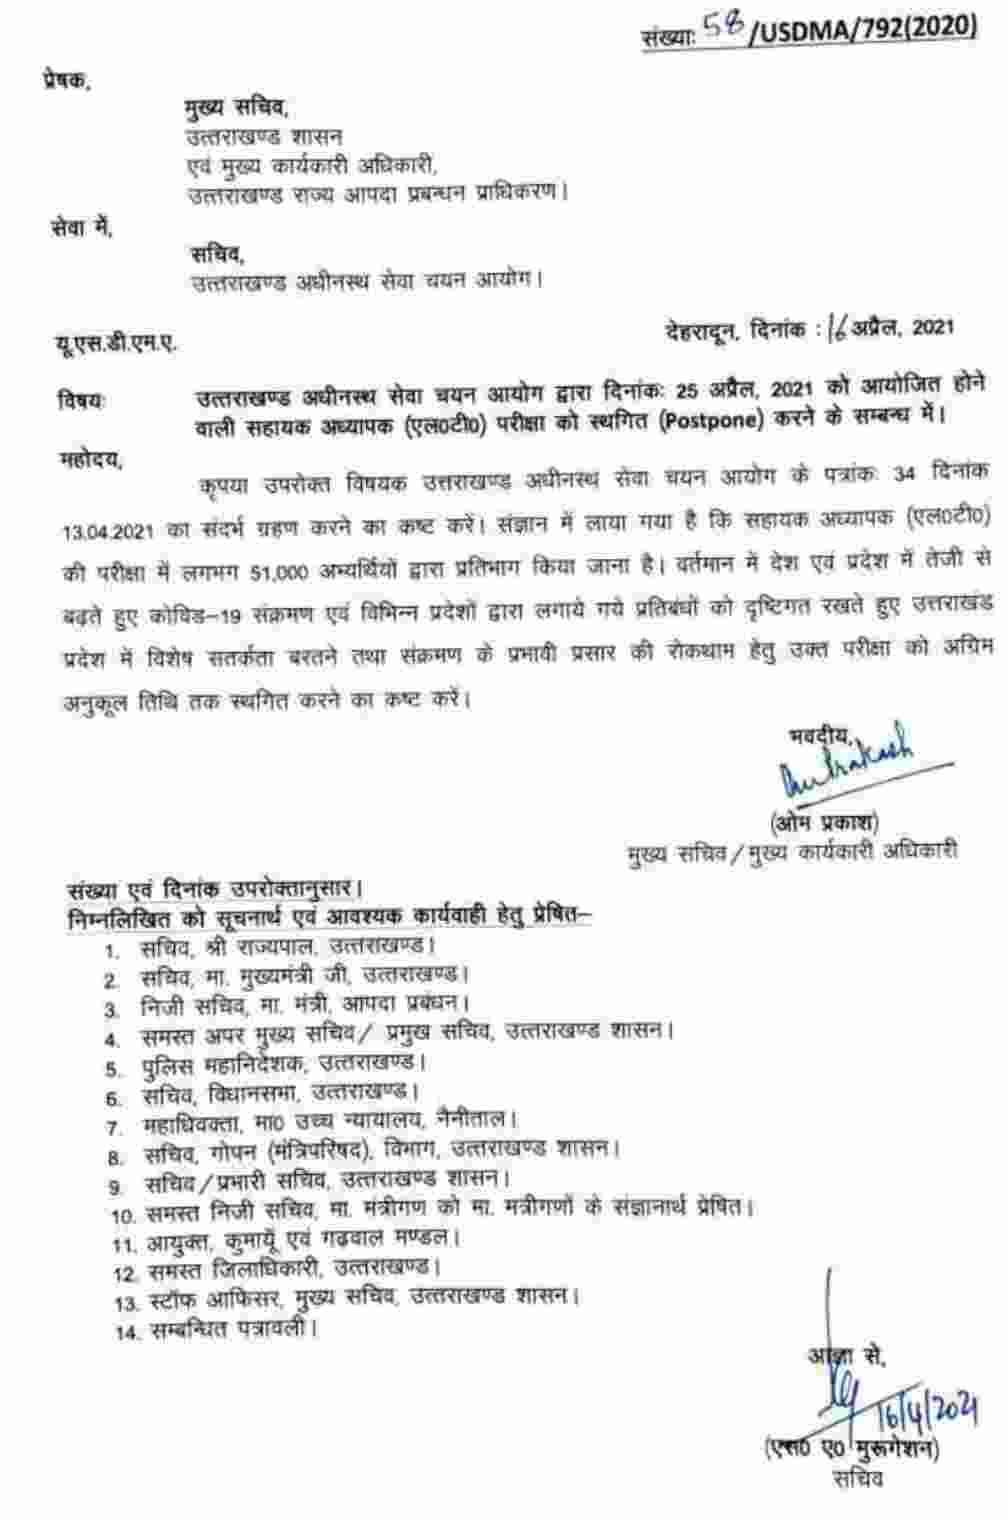 उत्तराखंड सेवा अधीनस्थ चयन आयोग की 25 अप्रैल को होने वाली एलटी भर्ती परीक्षा स्थगित, आदेश जारी 2